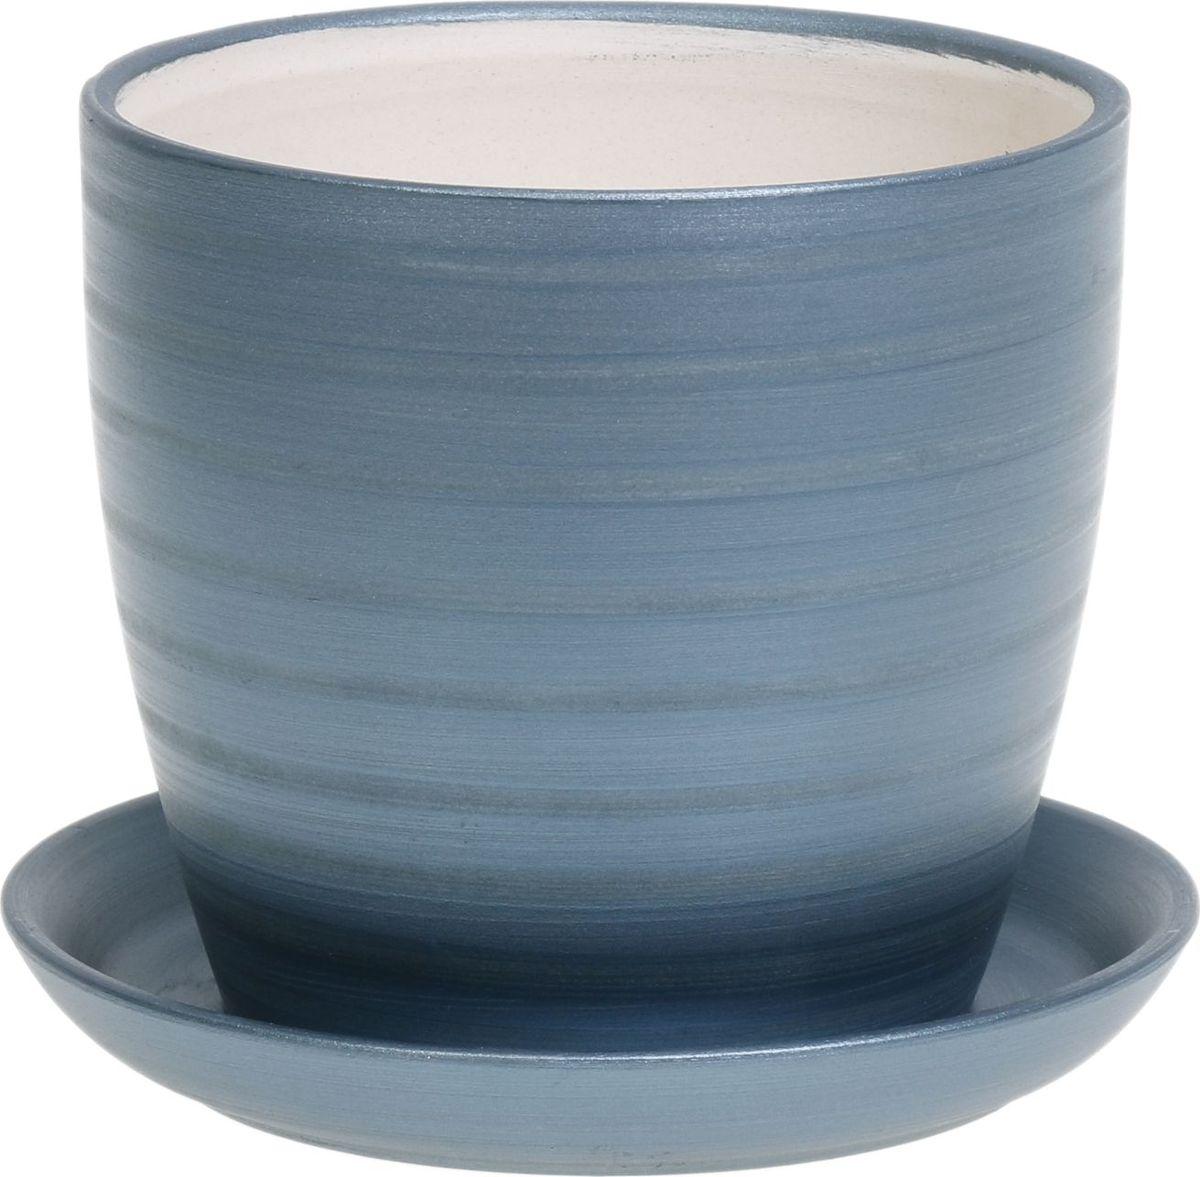 Кашпо Керамика ручной работы Осень. Радуга, цвет: синий, 0,5 л1063934Комнатные растения — всеобщие любимцы. Они радуют глаз, насыщают помещение кислородом и украшают пространство. Каждому из них необходим свой удобный и красивый дом. Кашпо из керамики прекрасно подходят для высадки растений: за счёт пластичности глины и разных способов обработки существует великое множество форм и дизайновпористый материал позволяет испаряться лишней влагевоздух, необходимый для дыхания корней, проникает сквозь керамические стенки! #name# позаботится о зелёном питомце, освежит интерьер и подчеркнёт его стиль.